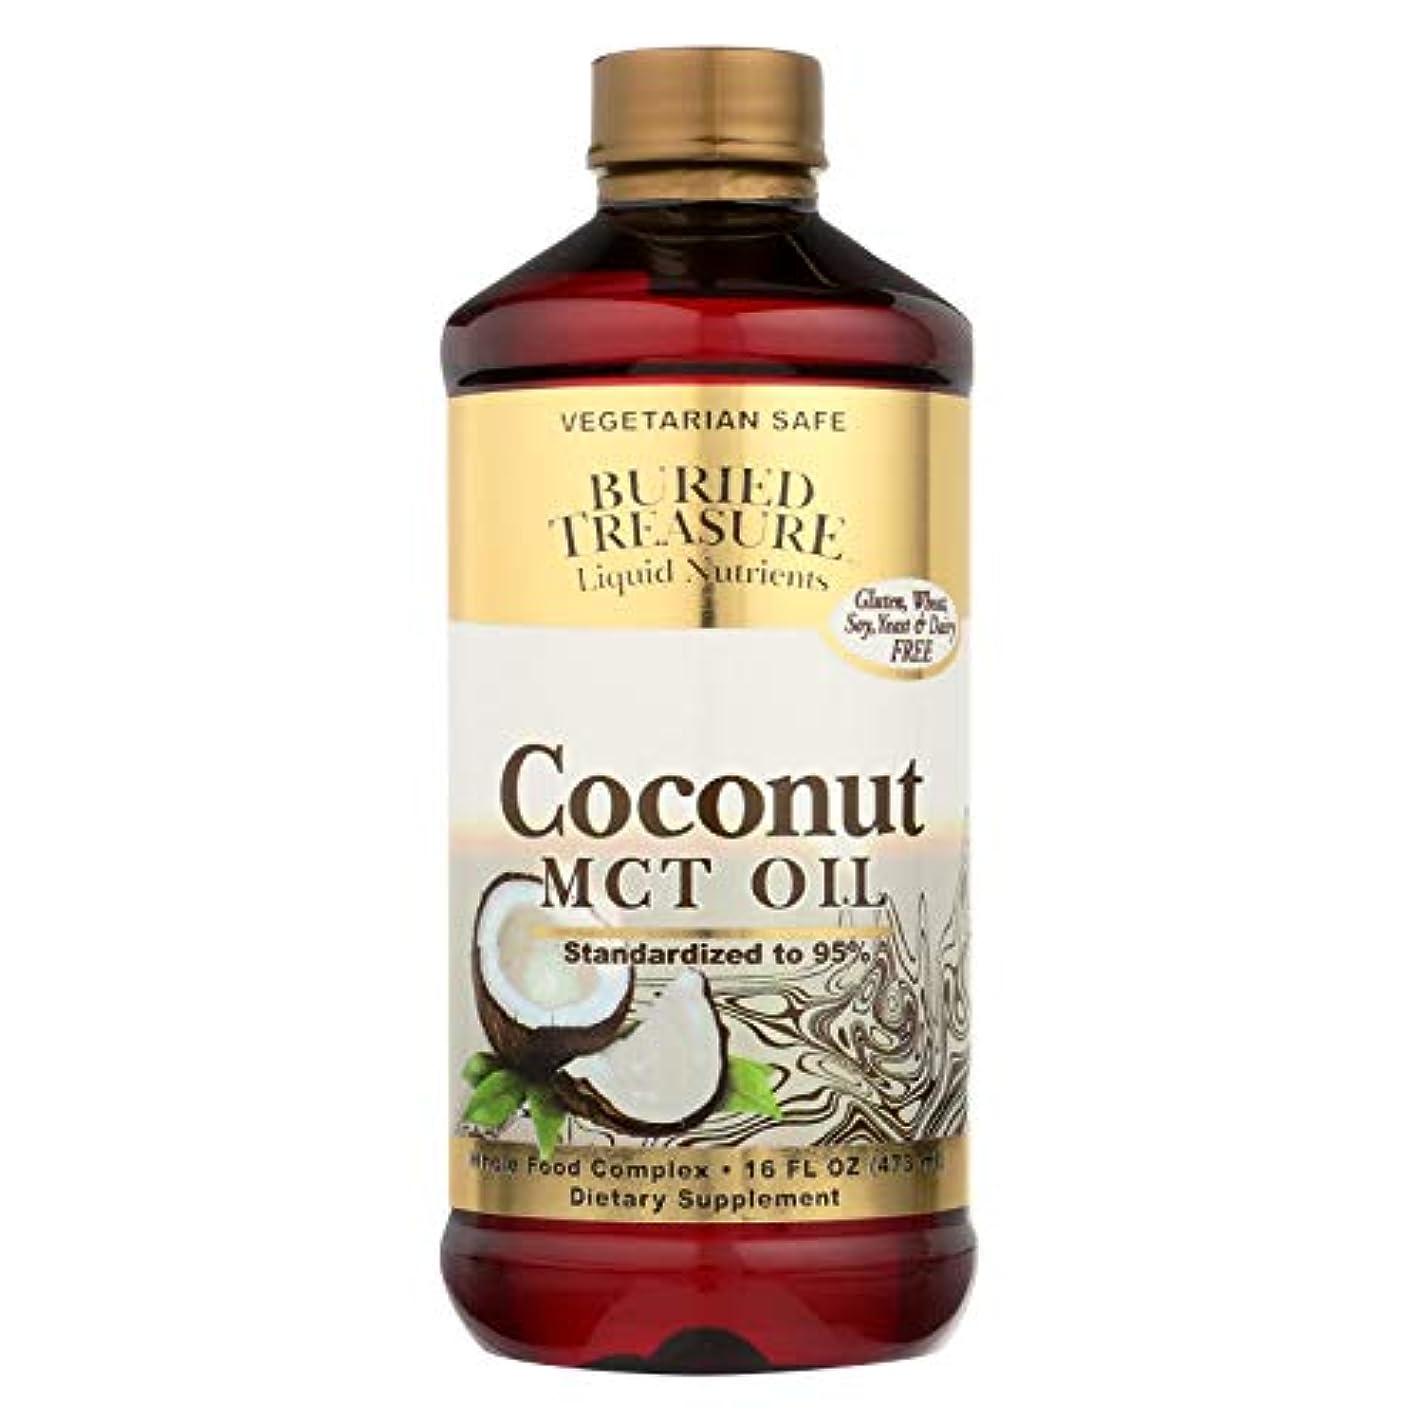 かわすパノラマ荒らす海外直送品Coconut Oil MCT, 16 oz by Buried Treasure